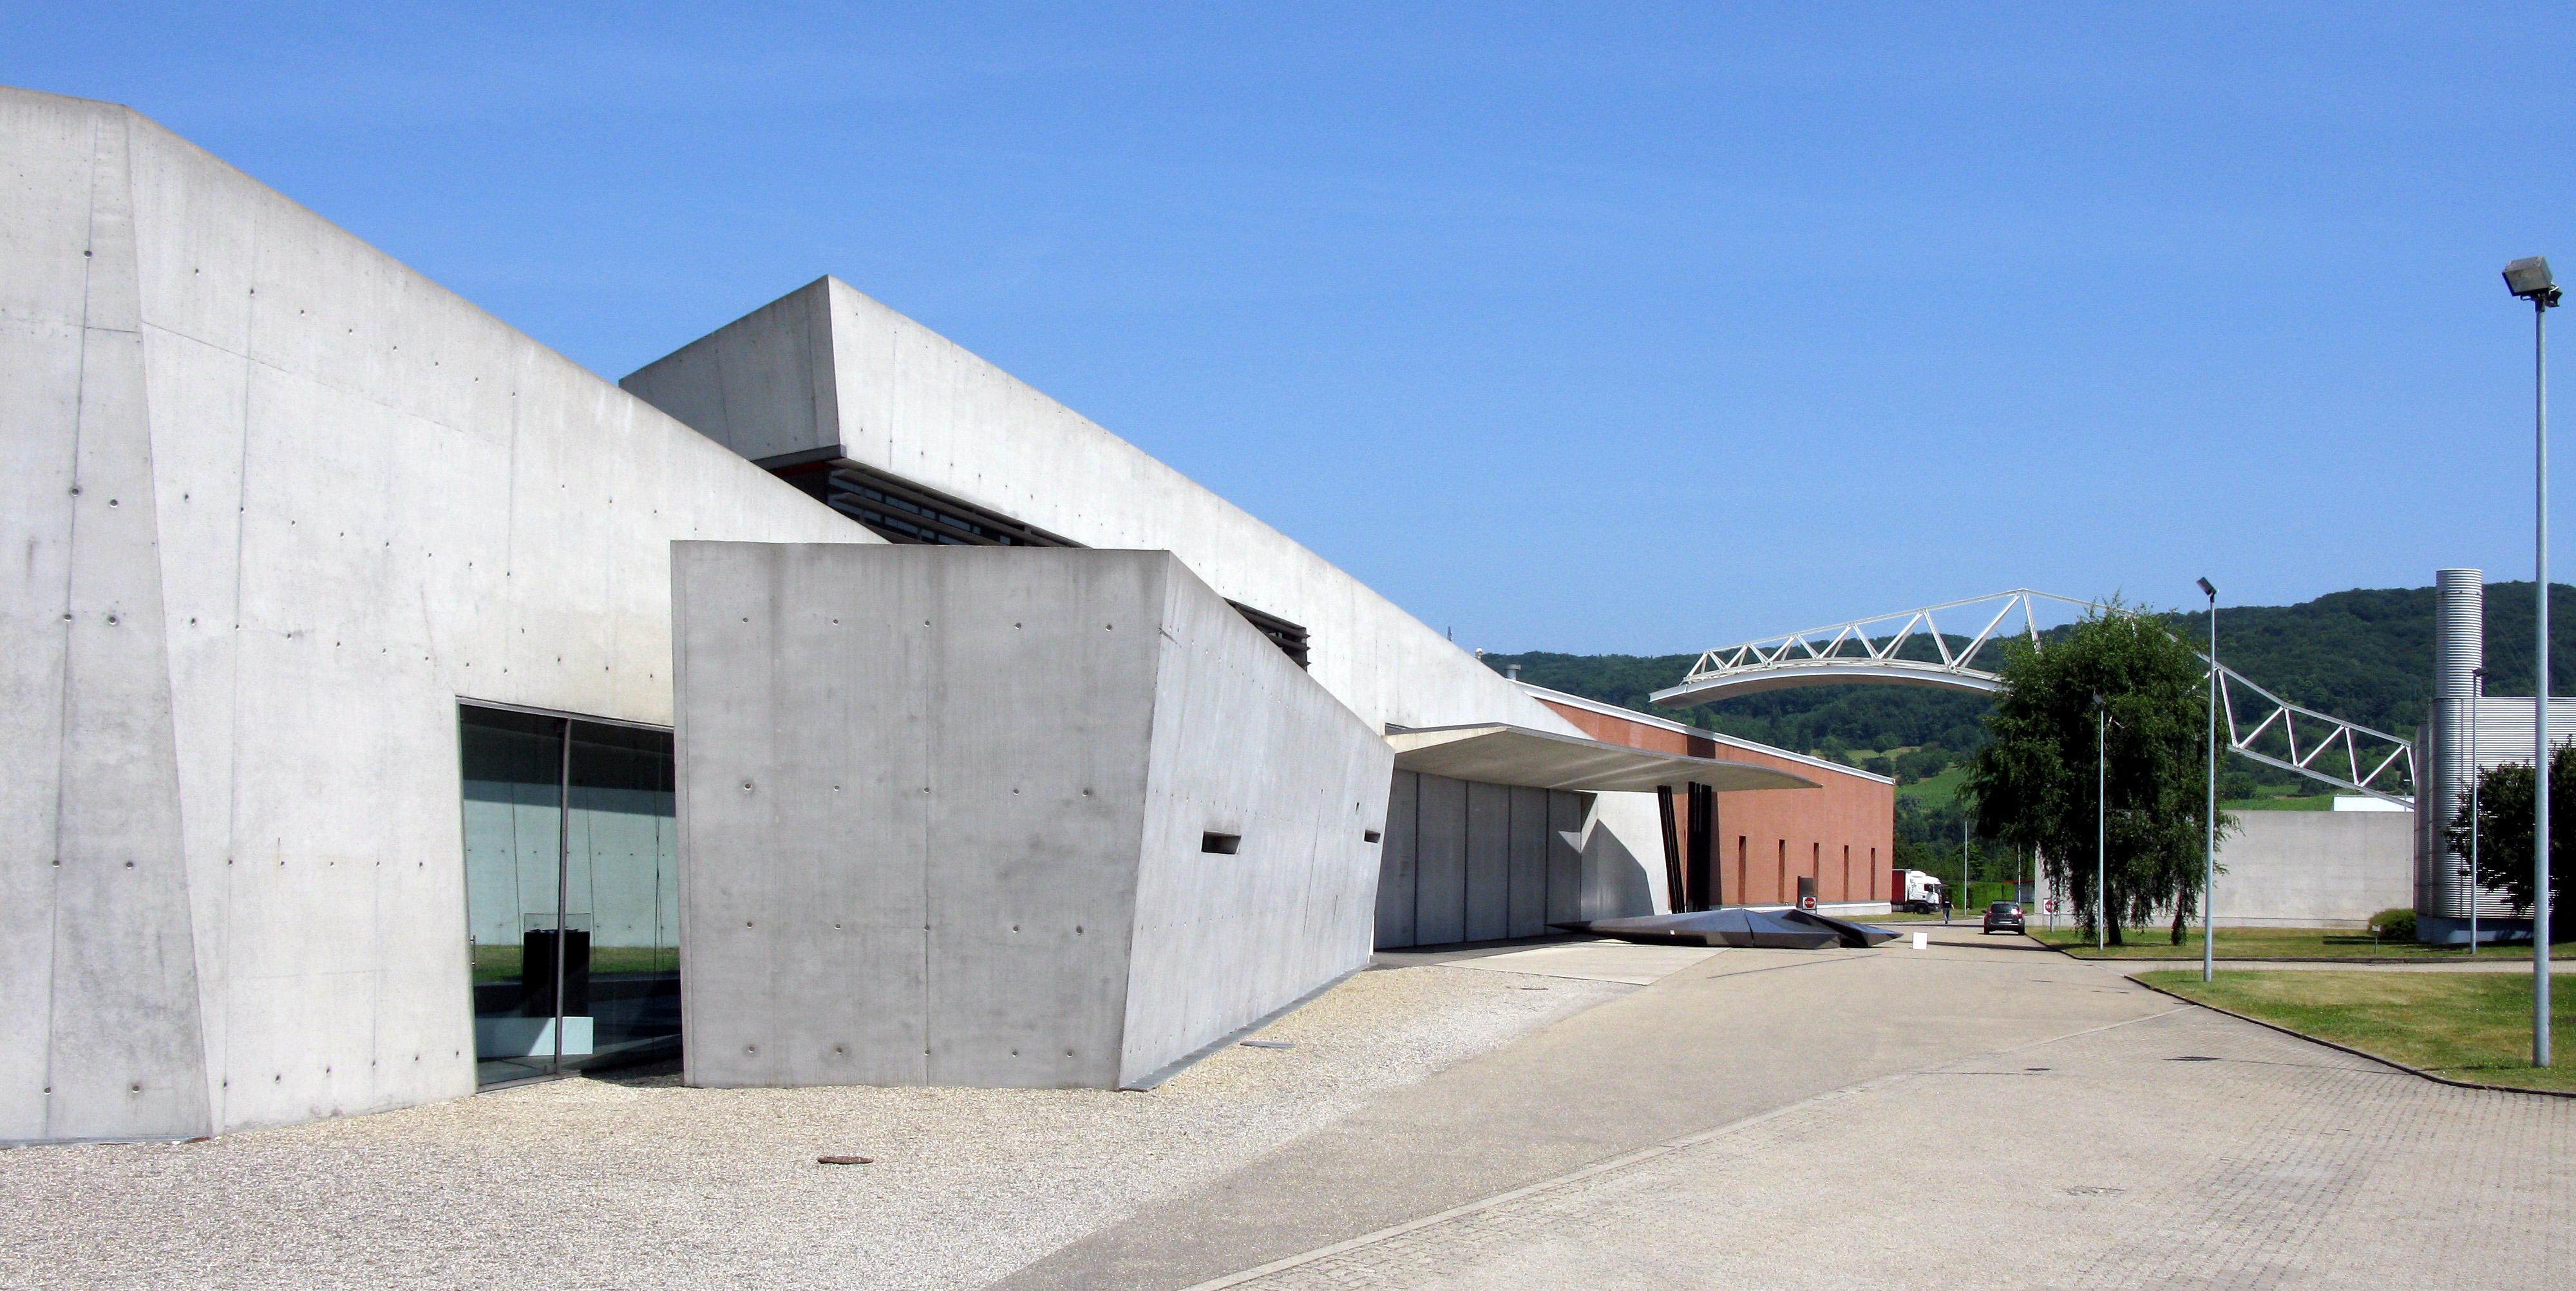 Vitra Fire Station Floor Plan File Vitra Feuerwehrhaus Von Zaha Hadid In Weil Am Rhein 8